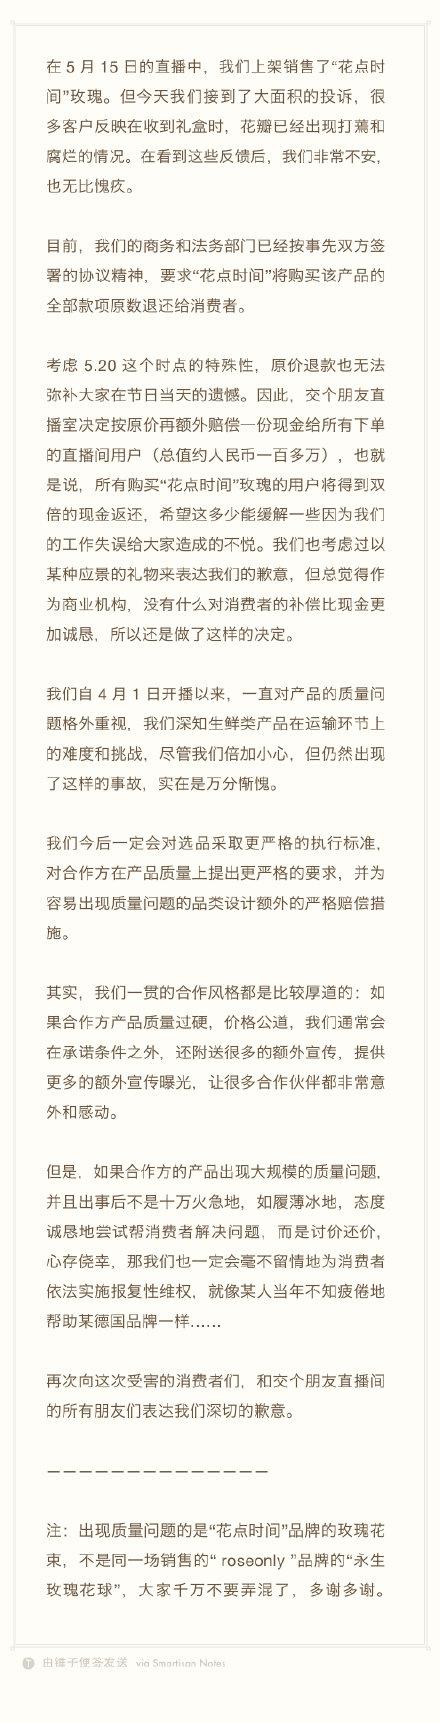 """・20遭网友吐槽带货玫瑰腐烂,罗永浩致歉:双倍赔偿"""""""